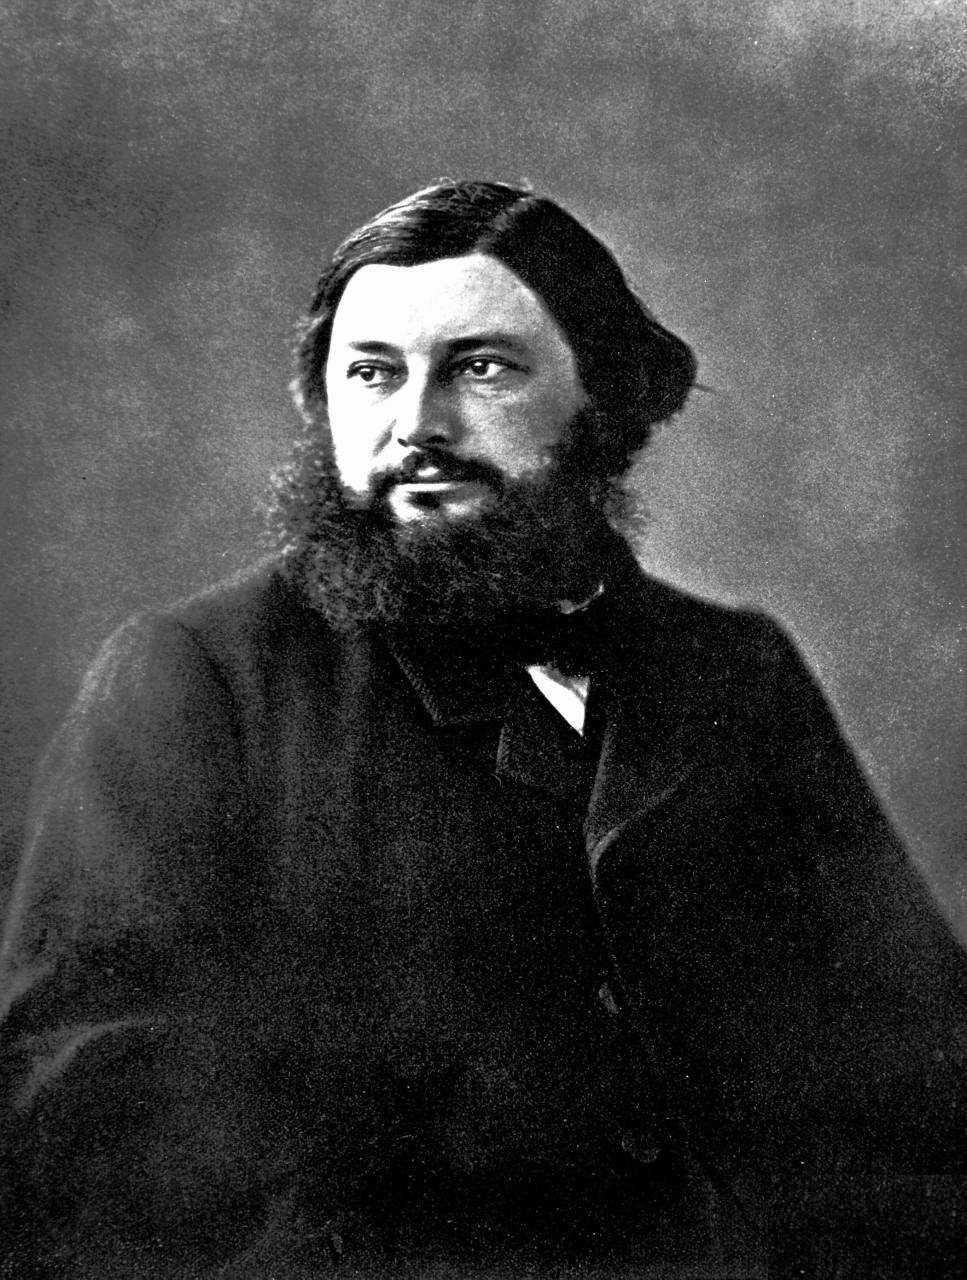 Gustave Courbet fotografiado por Nadar 1855